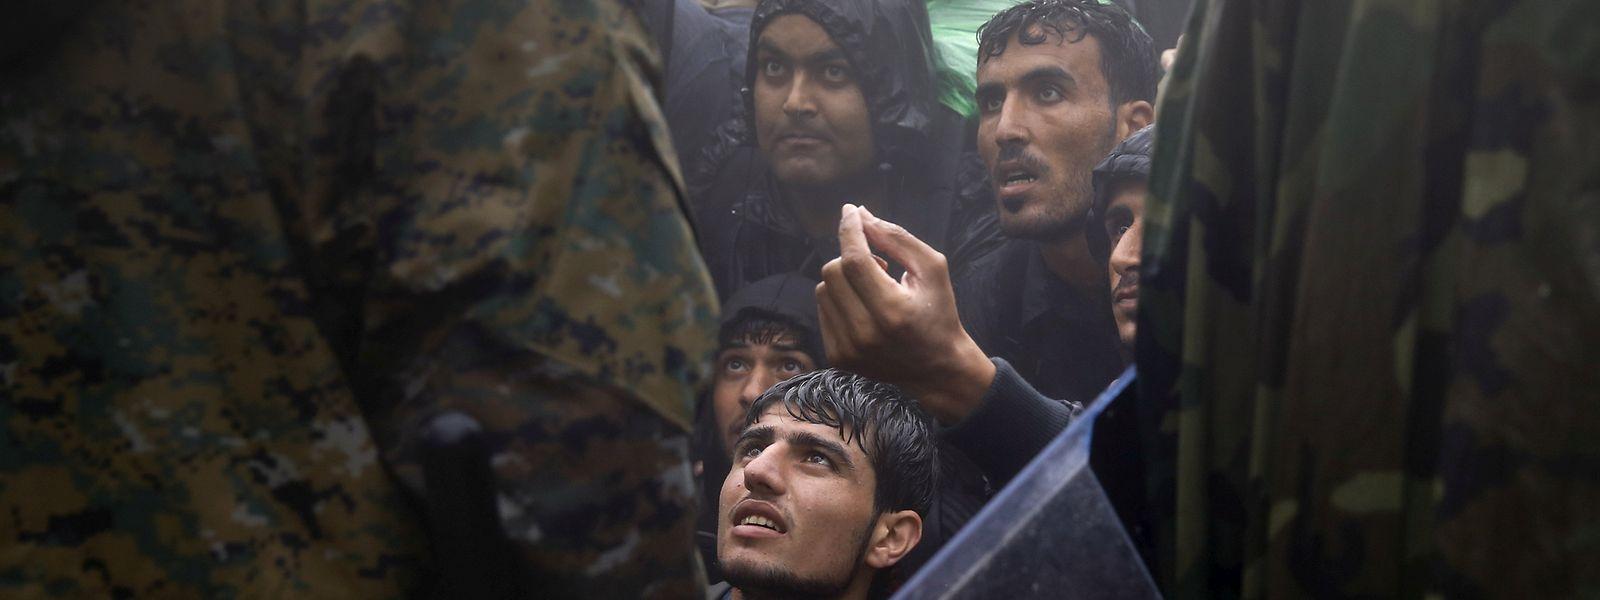 Die schleppende Umverteilung der Flüchtlinge führt zu unhaltbaren Zuständen in den Auffangstrukturen.